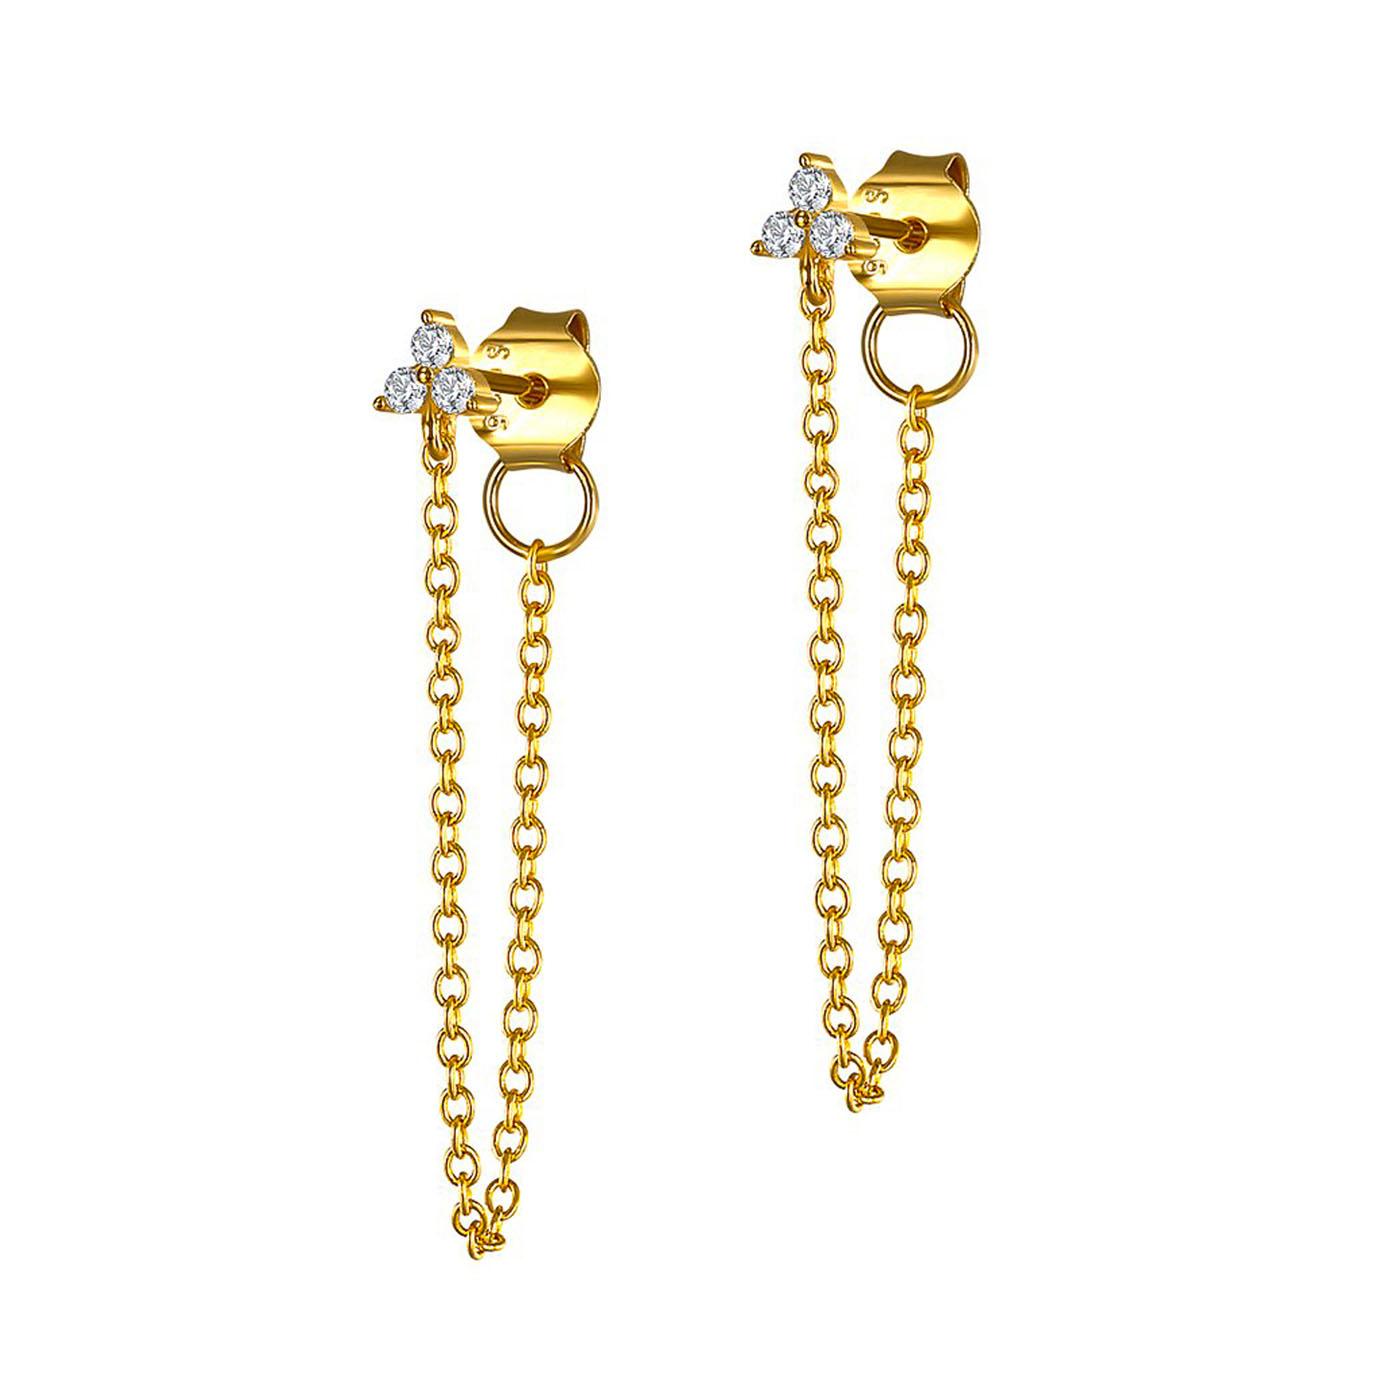 boucles d'oreilles chaines gold